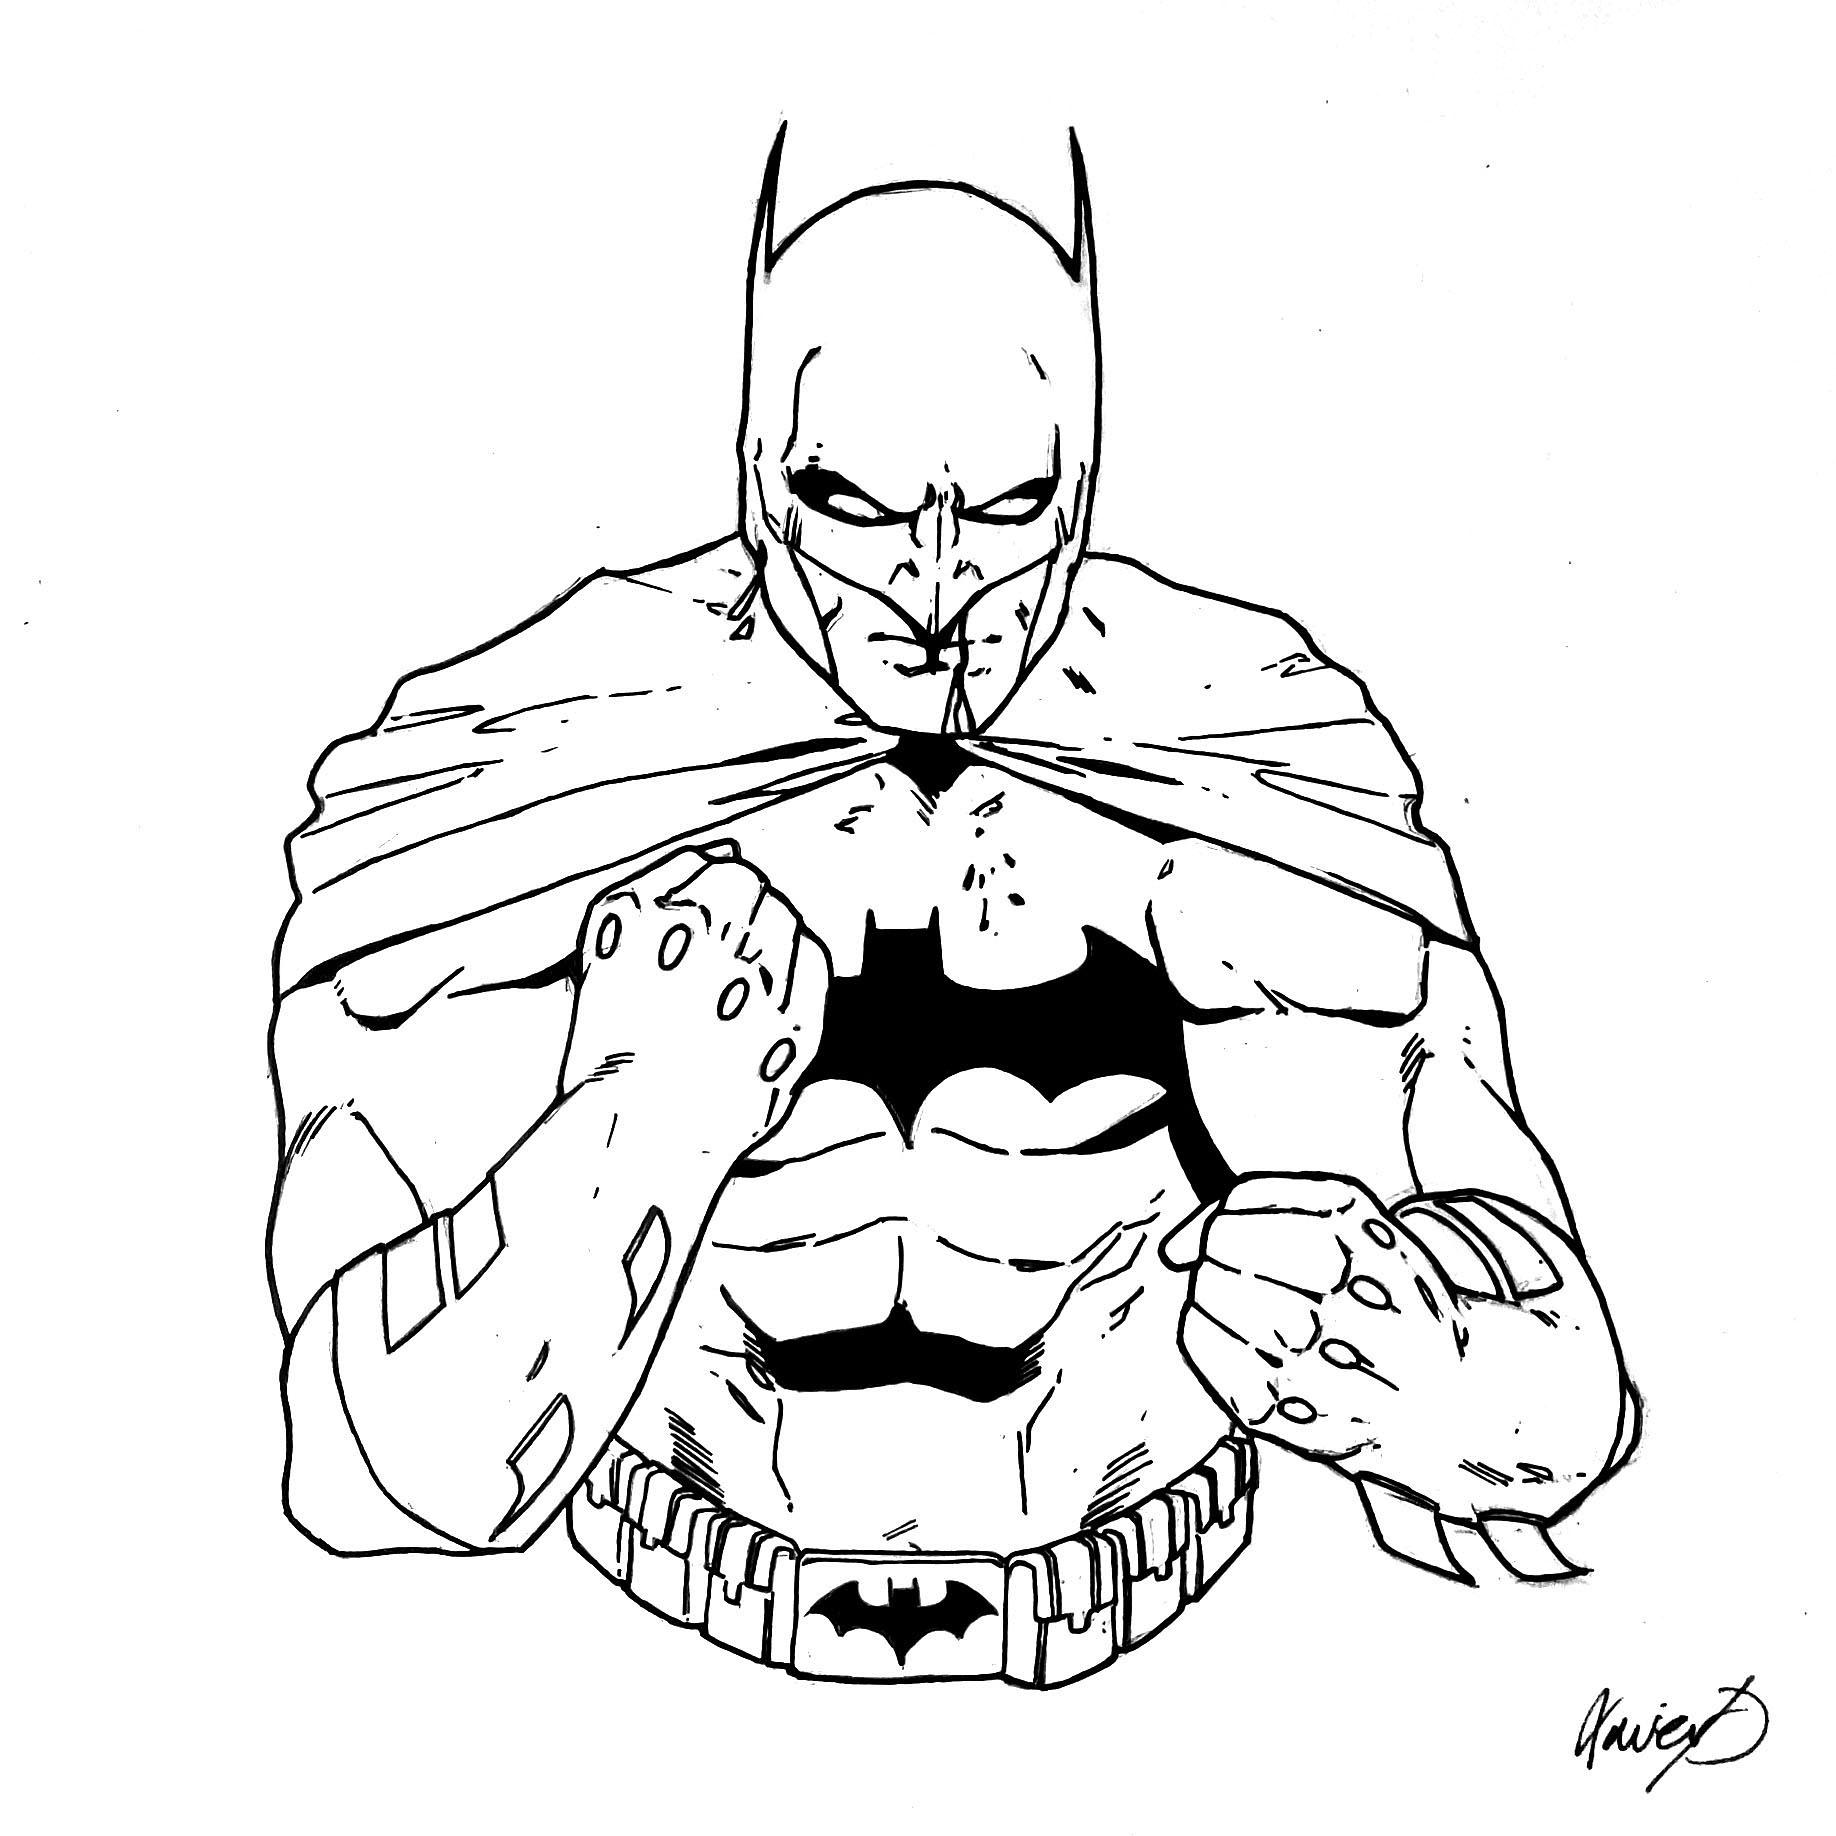 1836x1836 Batman Drawing I Did A While Back Comicbookart